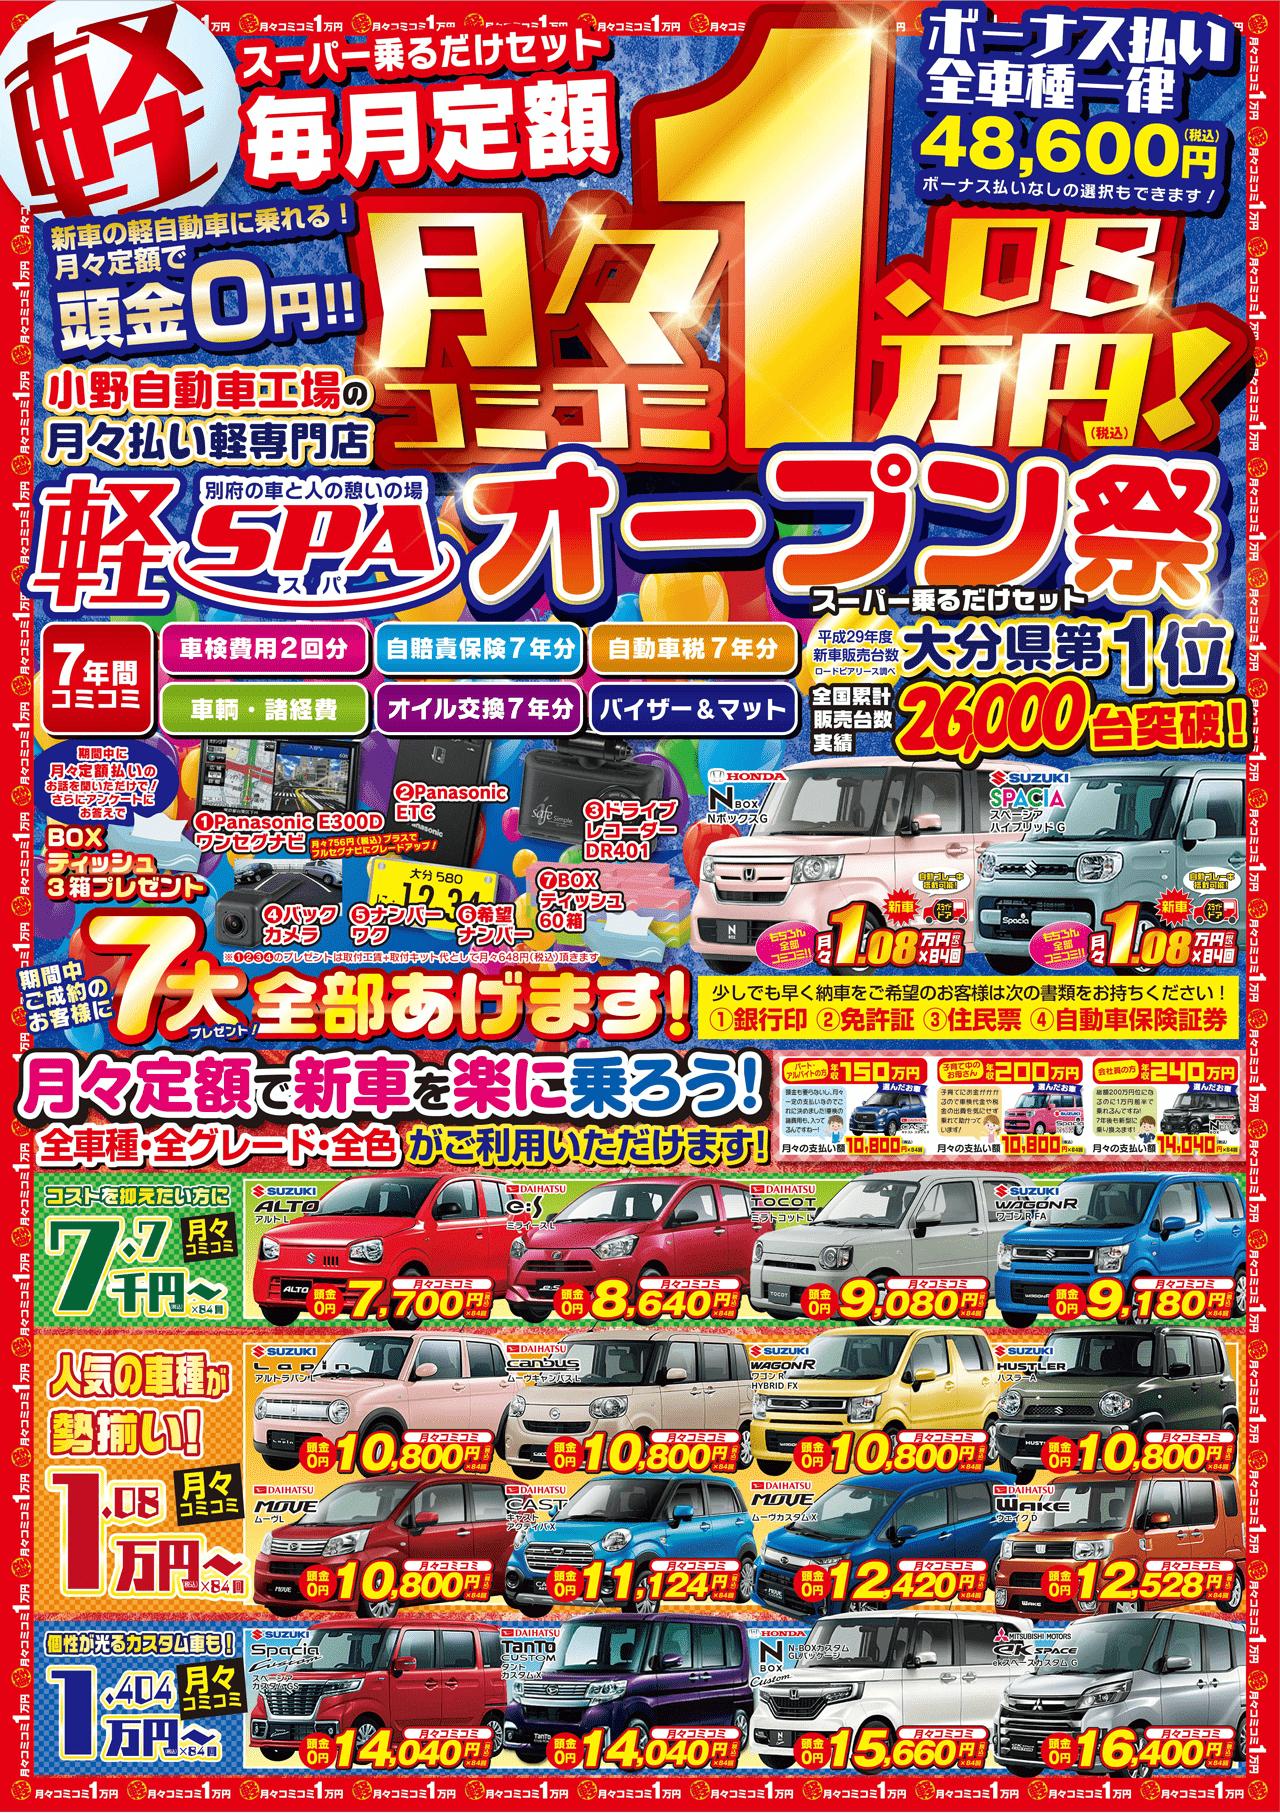 大好評!軽SPAオープン祭!!